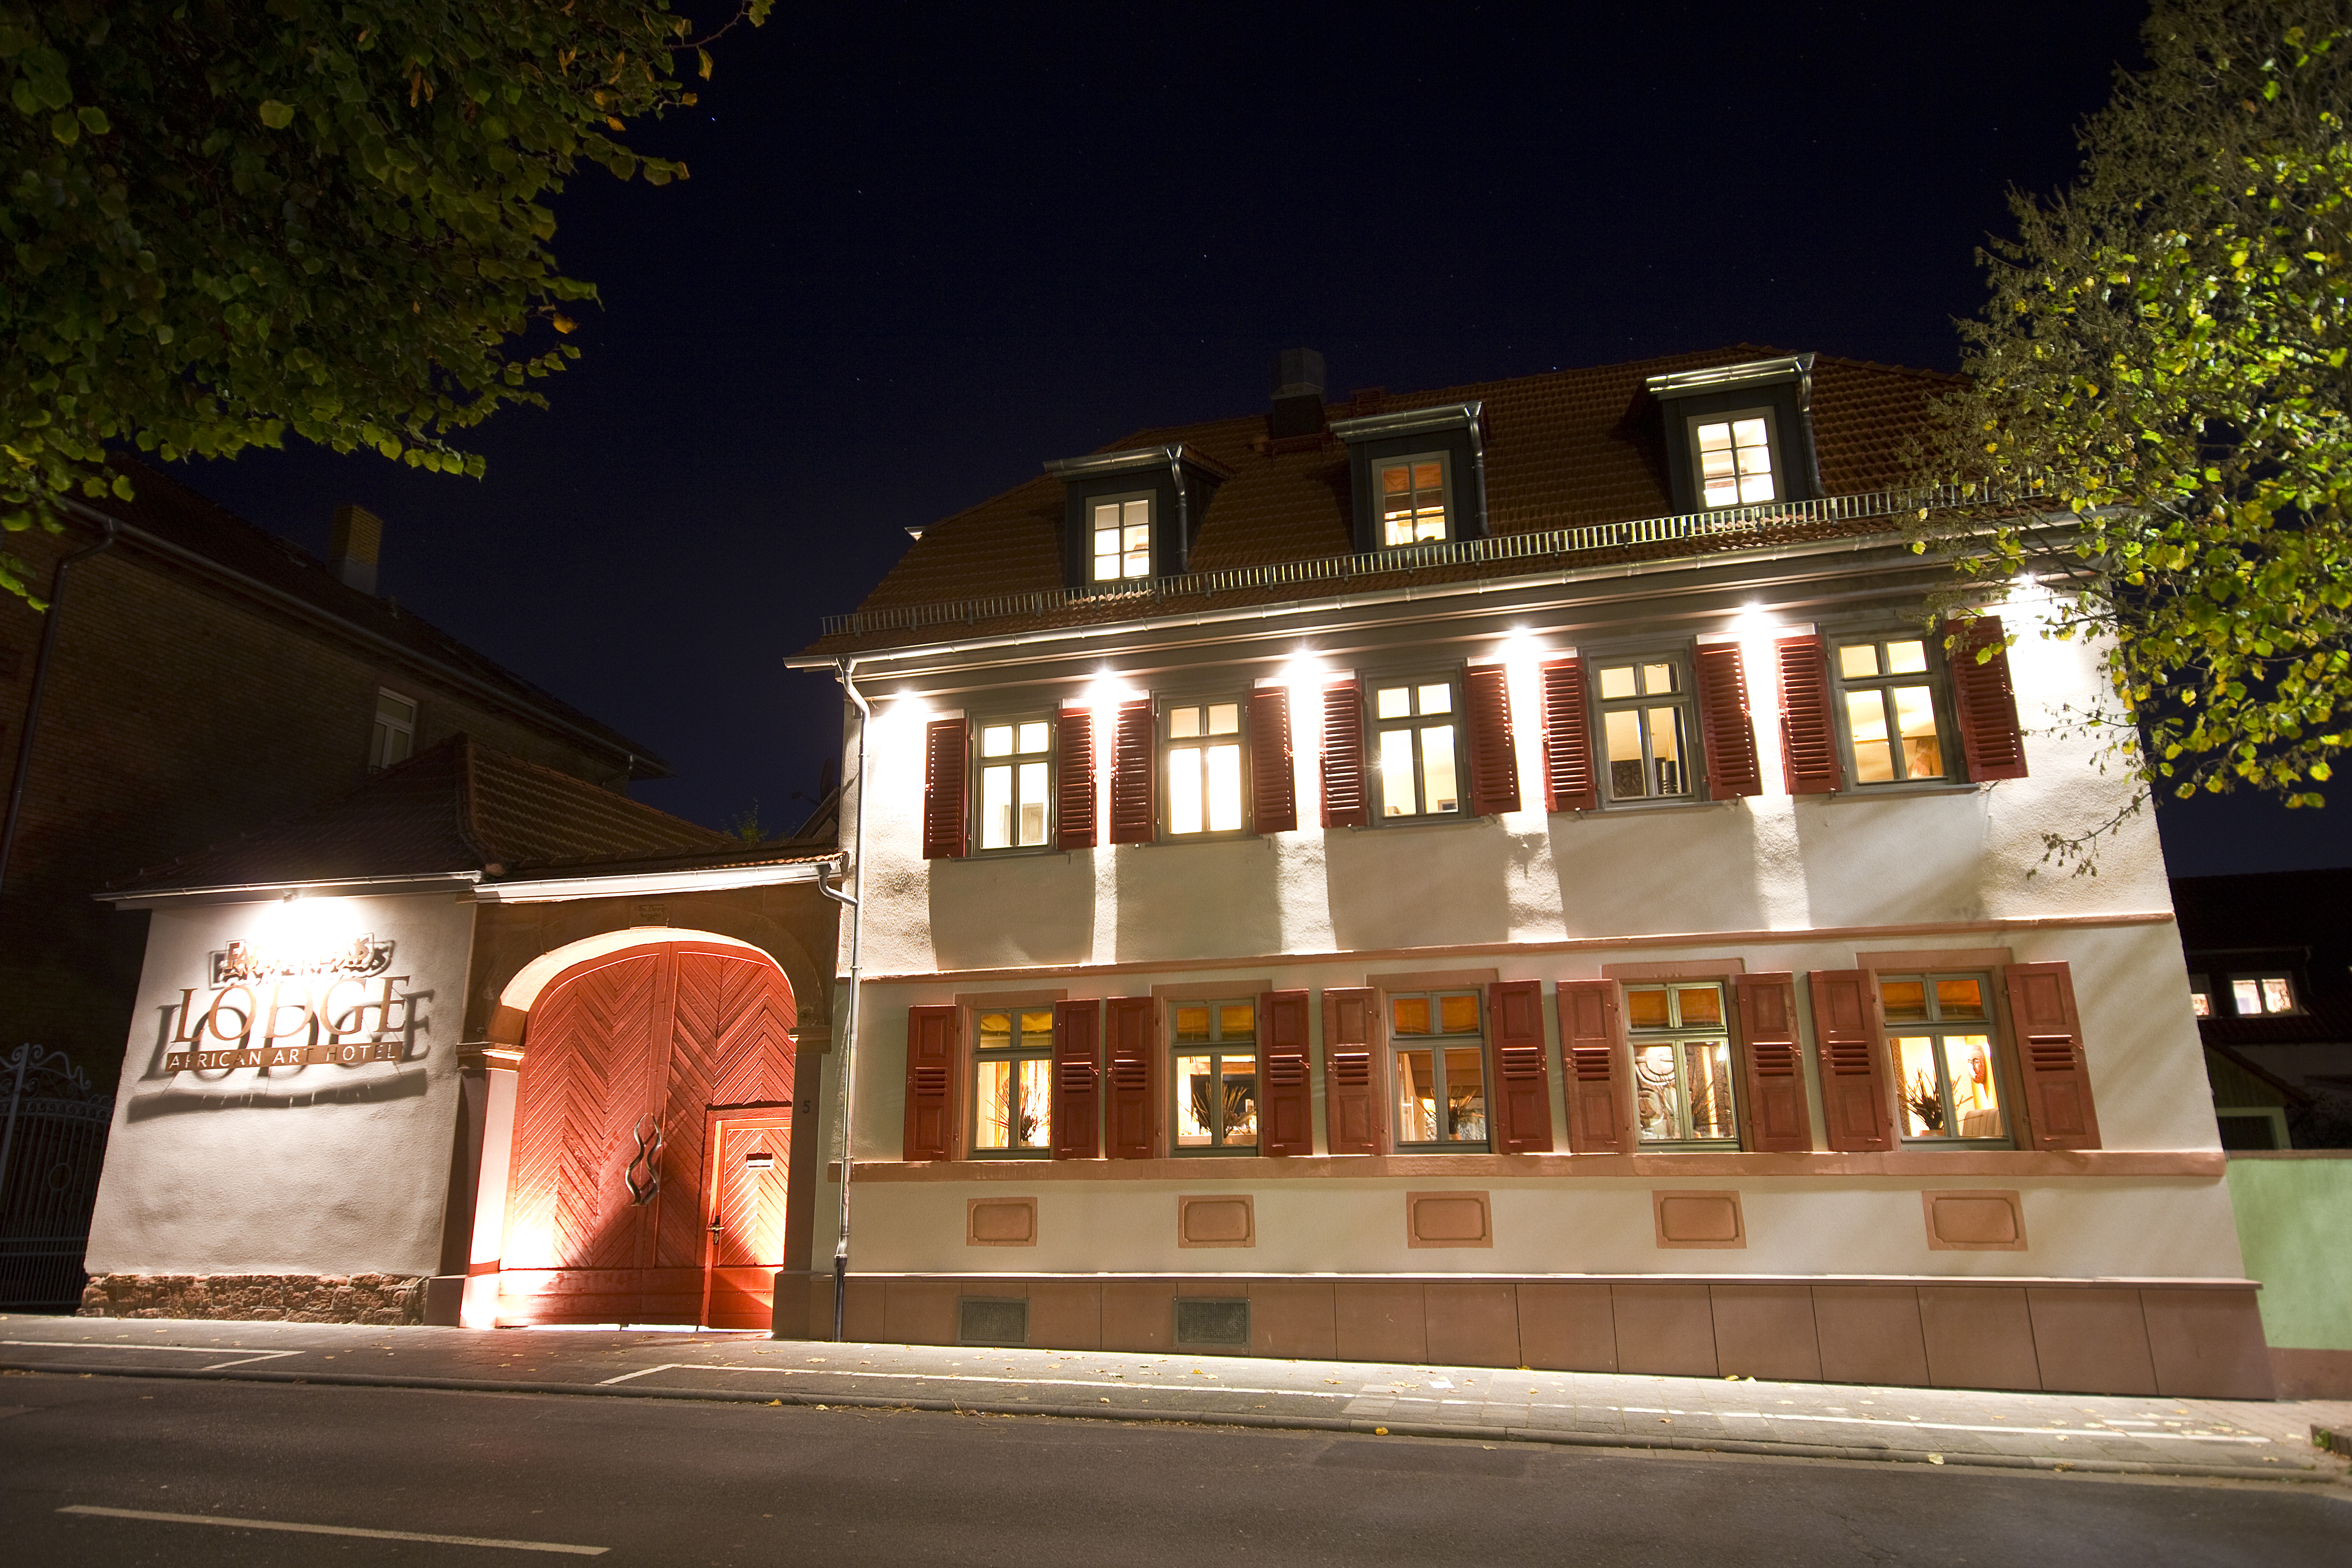 Farmerhaus-Lodge